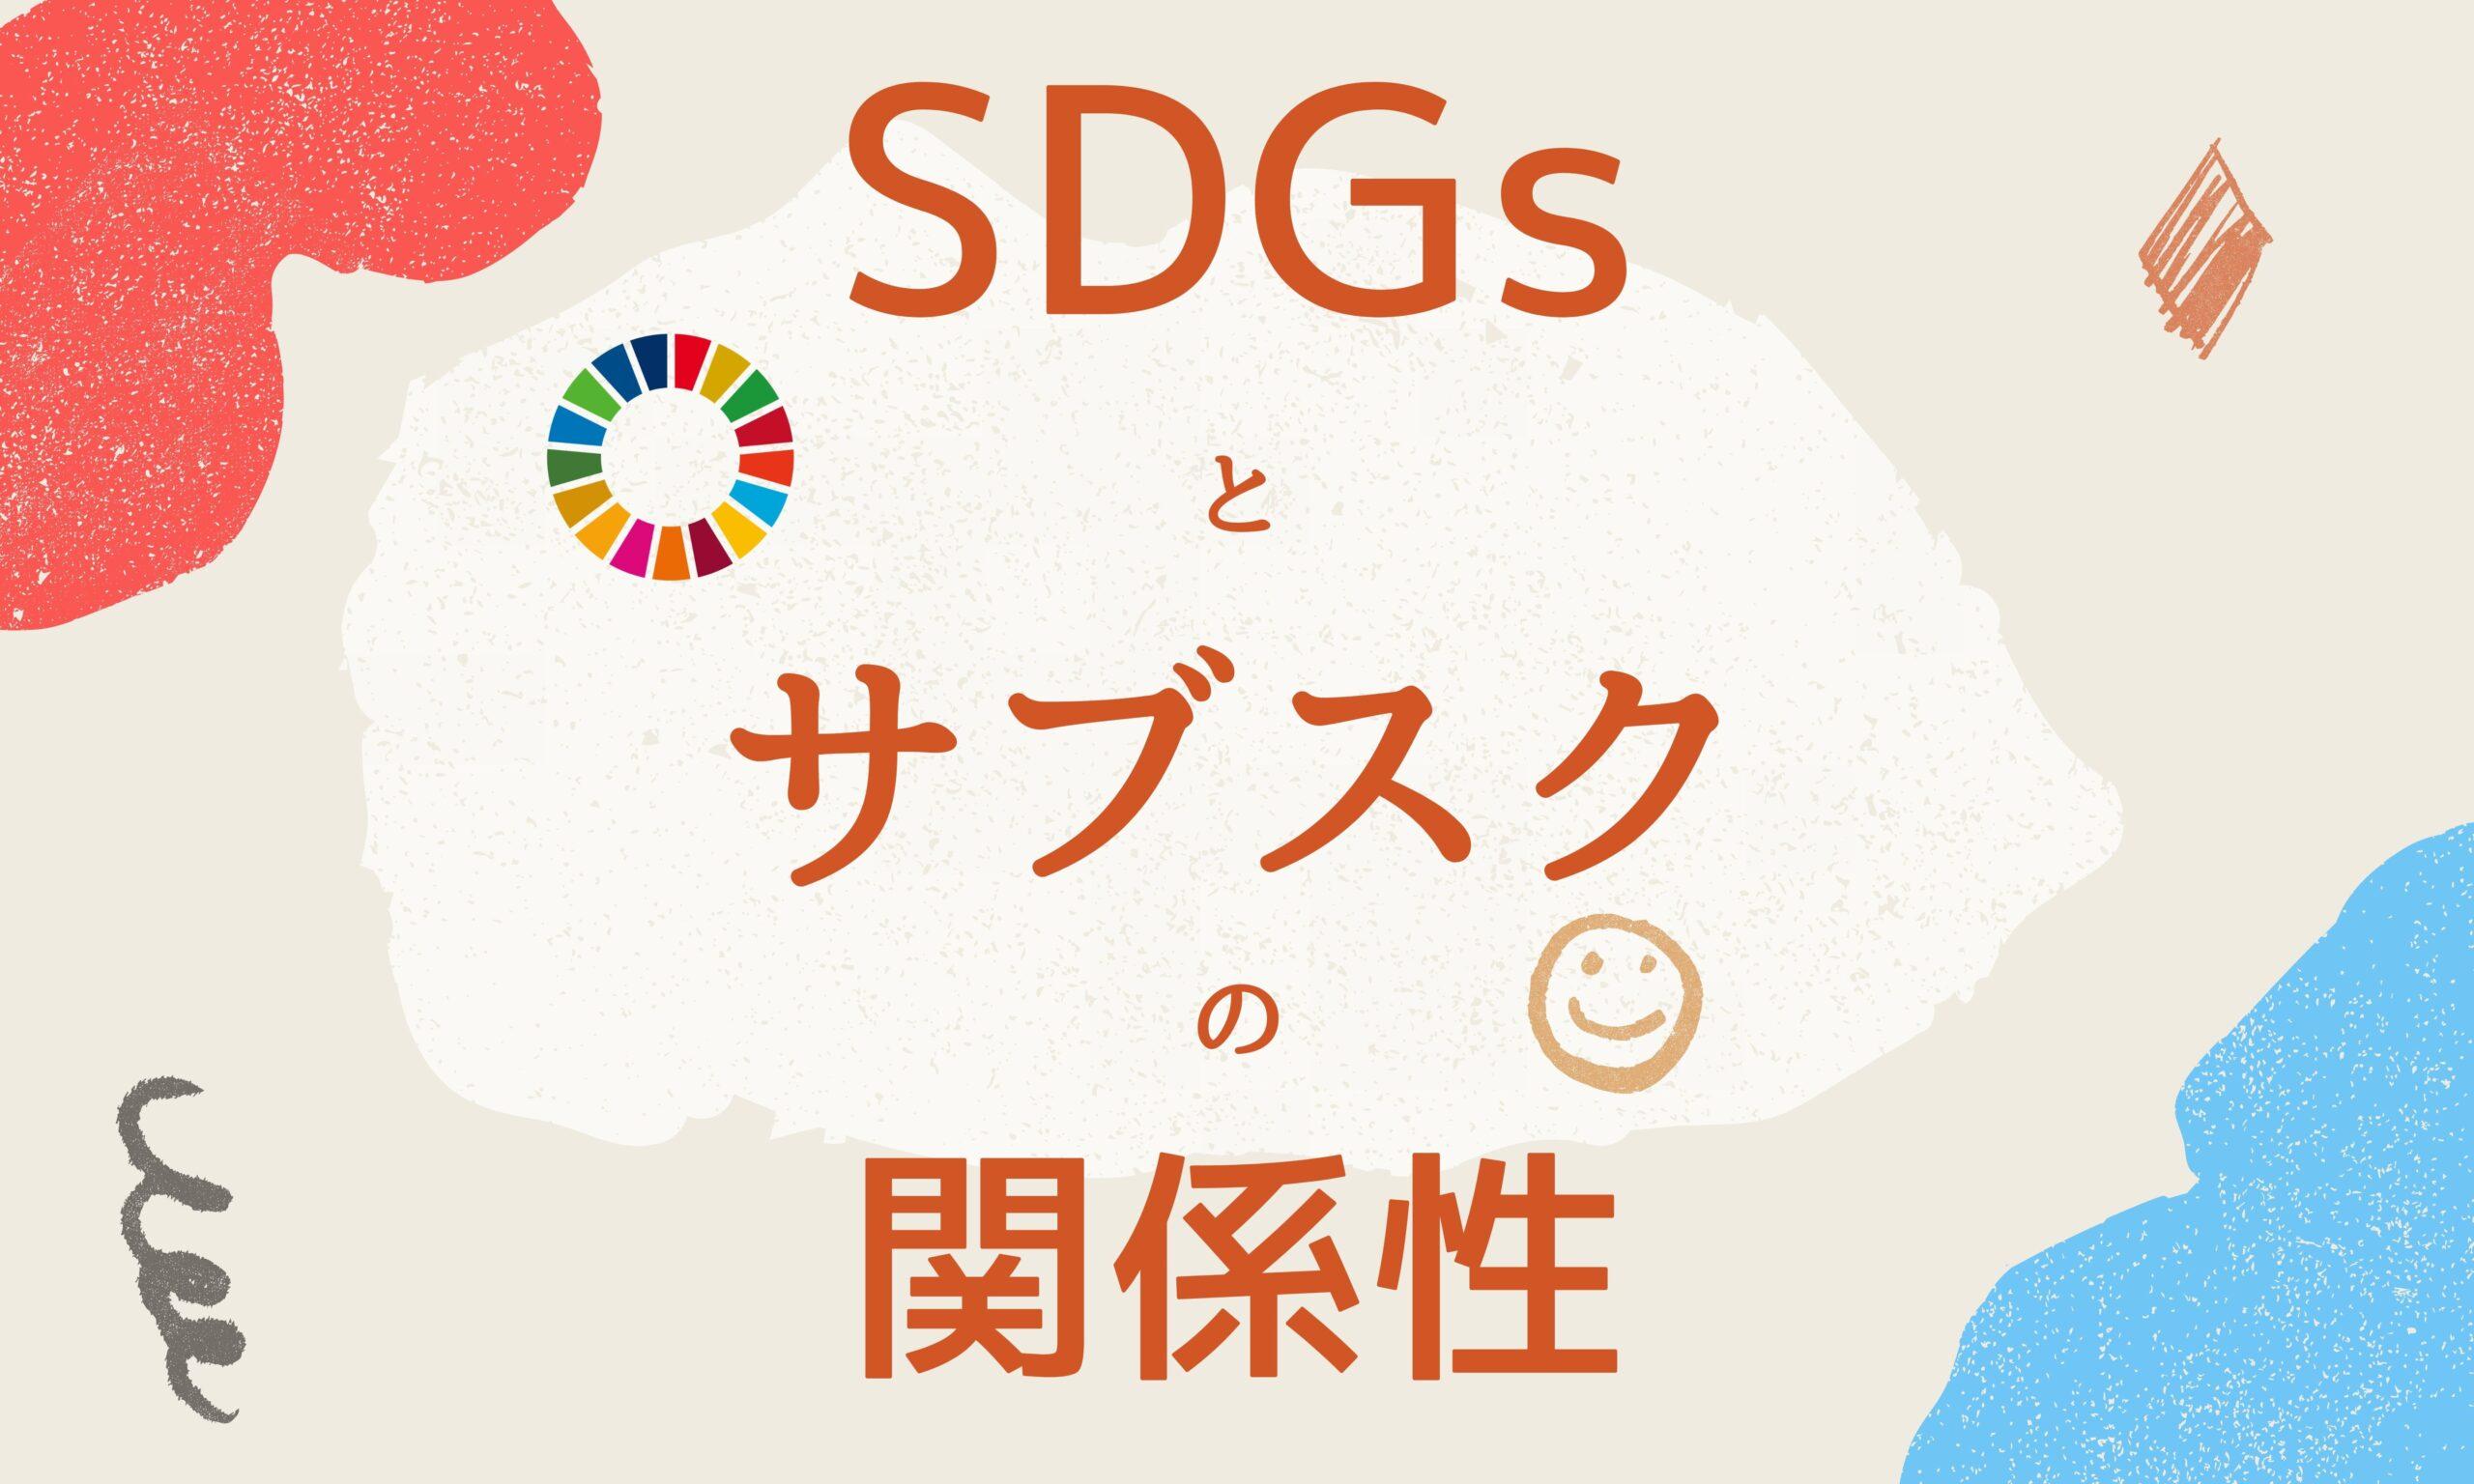 SDGsとサブスクの関係性